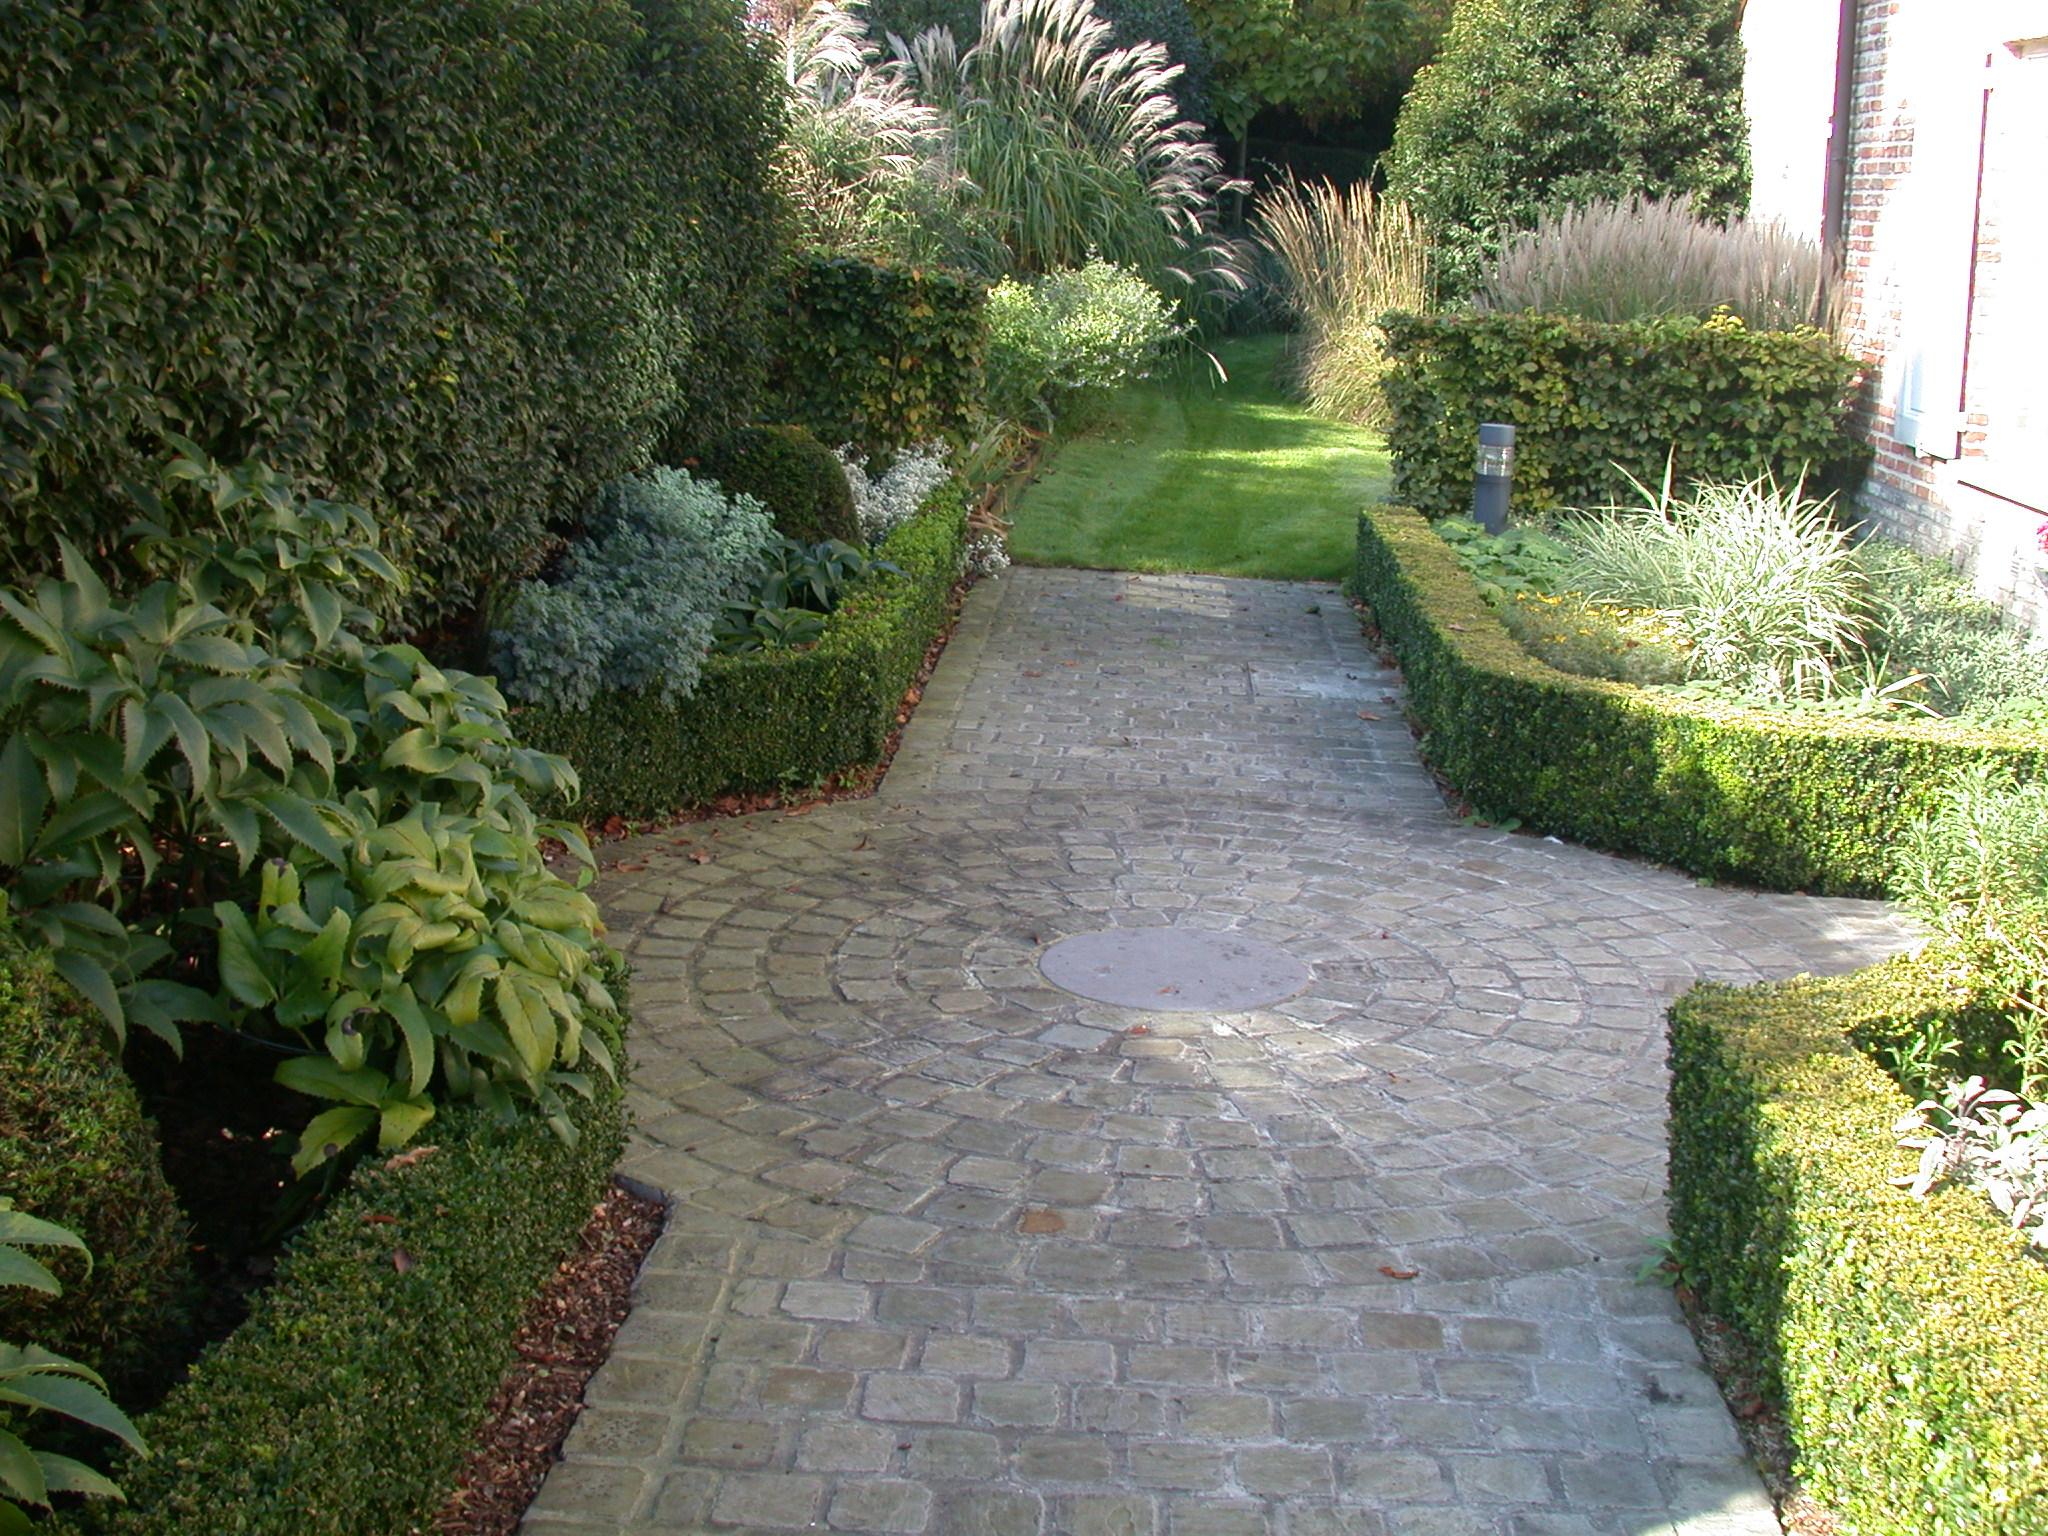 jardin andalou art landscape architecte paysagiste. Black Bedroom Furniture Sets. Home Design Ideas